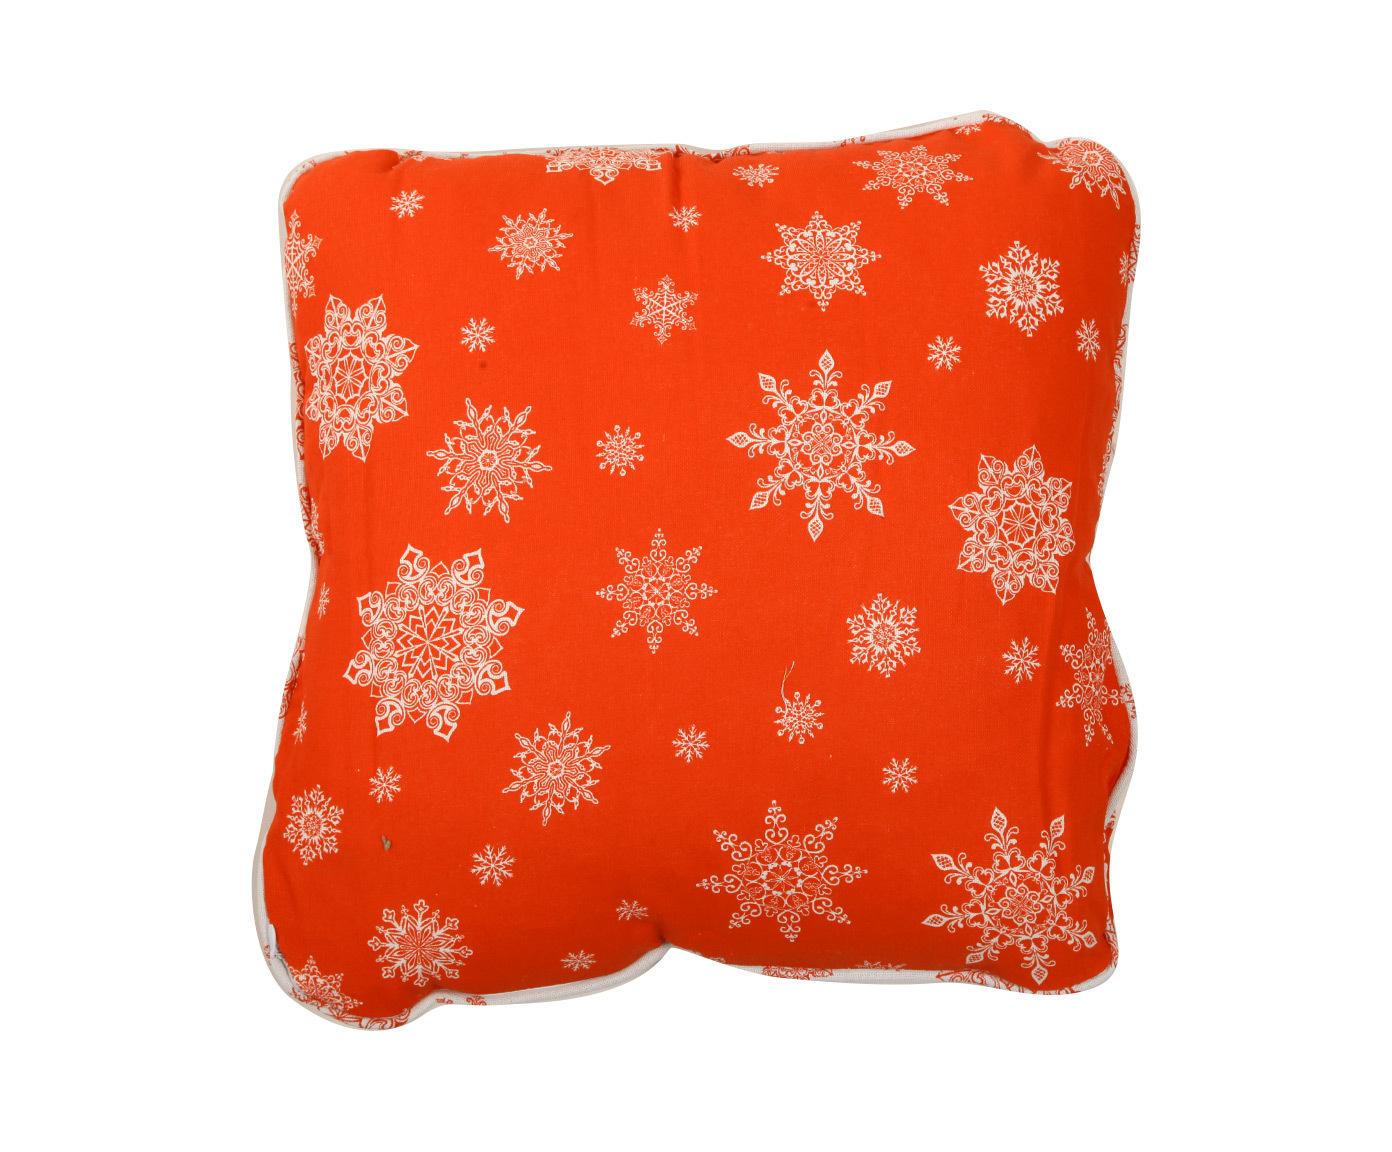 Набор подушек (2шт)Квадратные подушки<br>Декоративная подушка станет стильным акцентом в вашем интерьере. Яркий цветочный рисунок внесёт уют и позитив в интерьер. Плотная хлопковая ткань съёмной наволочки с молнией легко стирается и не изнашивается. Внутренние подушки-наполнители продаются отдельно.<br><br>Material: Хлопок<br>Length см: None<br>Width см: 45<br>Depth см: 18<br>Height см: 45